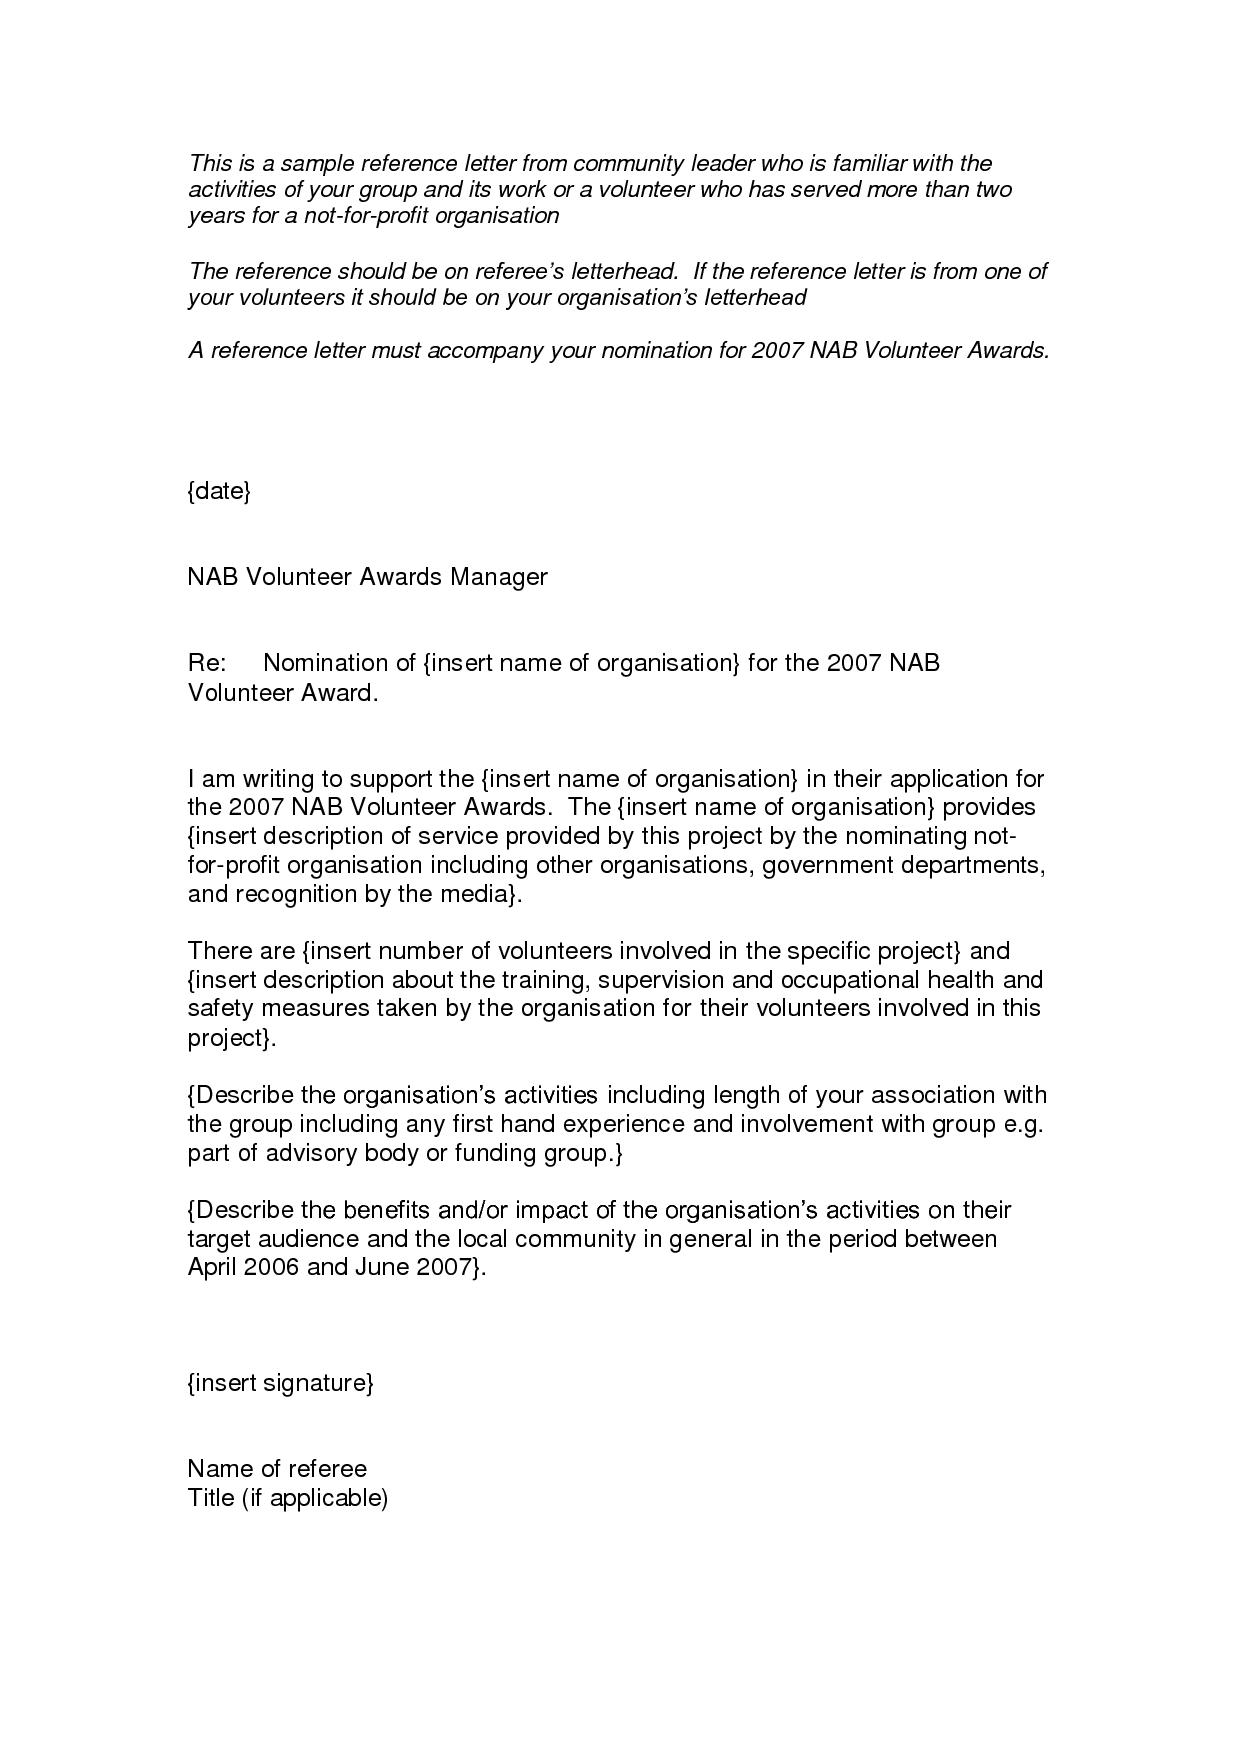 Volunteer Service Award Letters Nomination Letter Acceptance